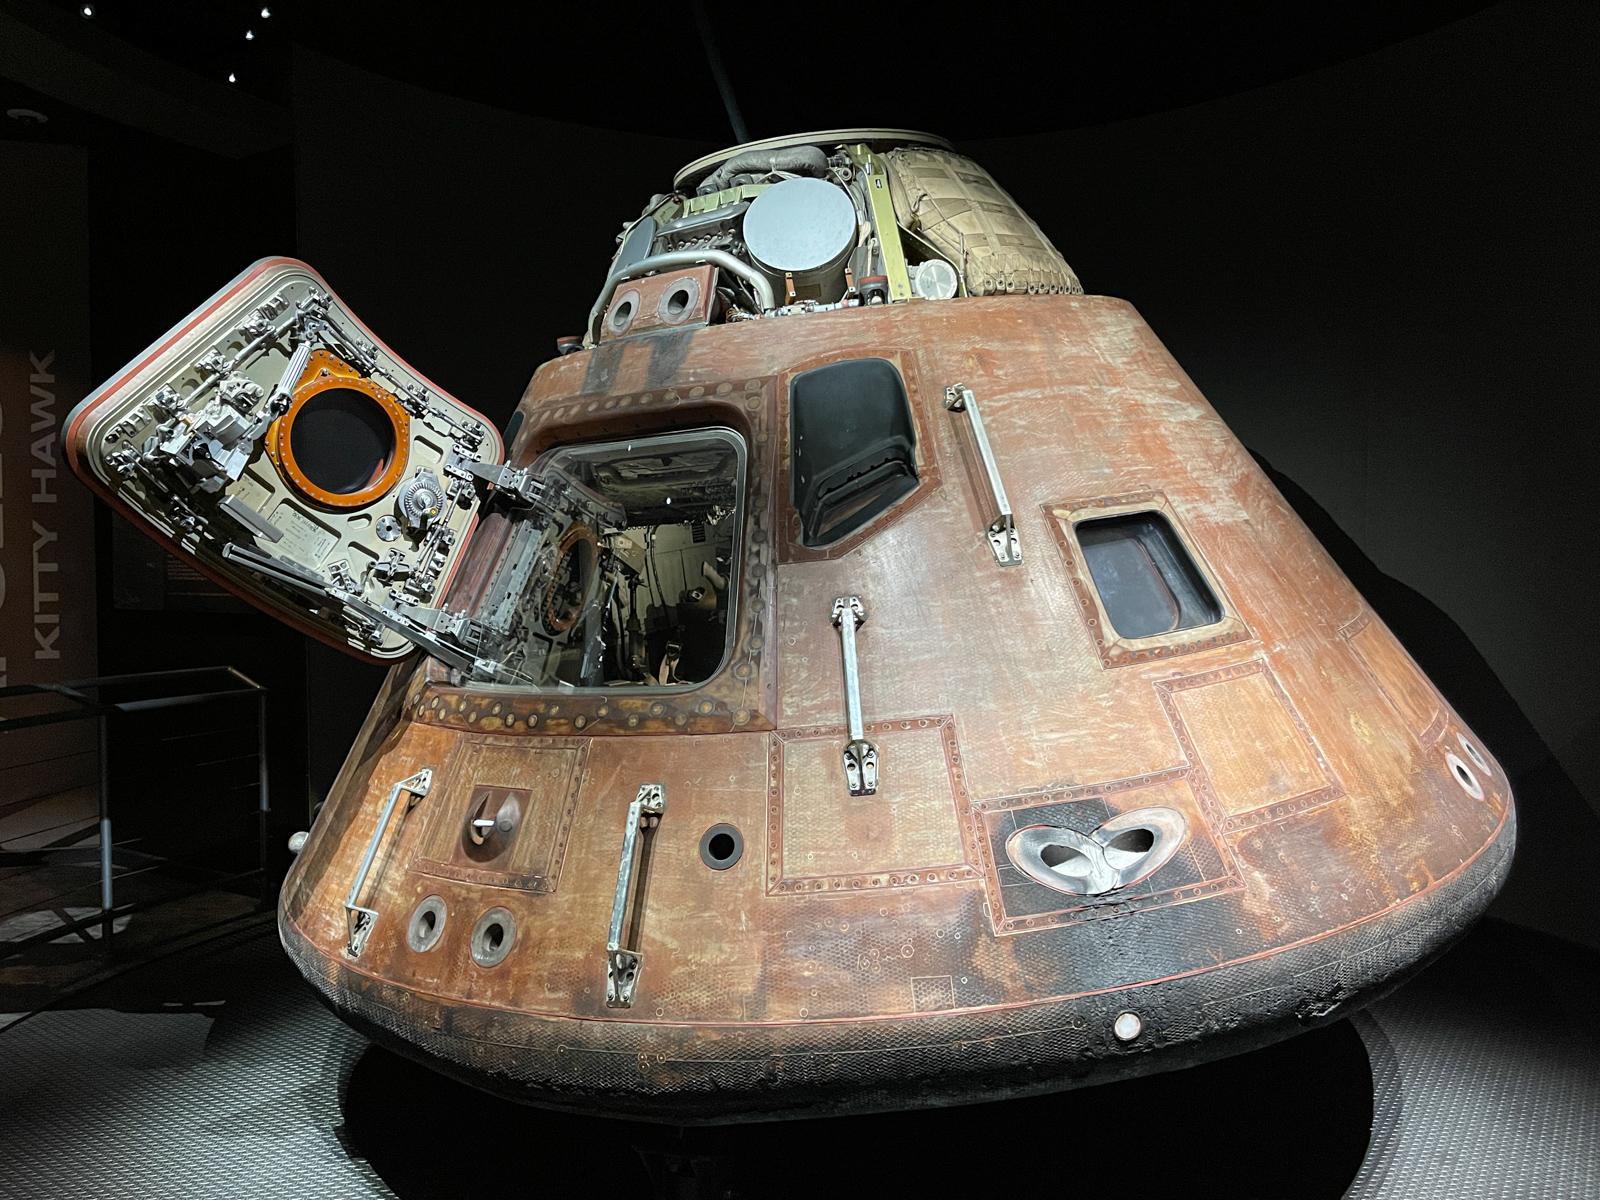 Apollo 14 crew capsule